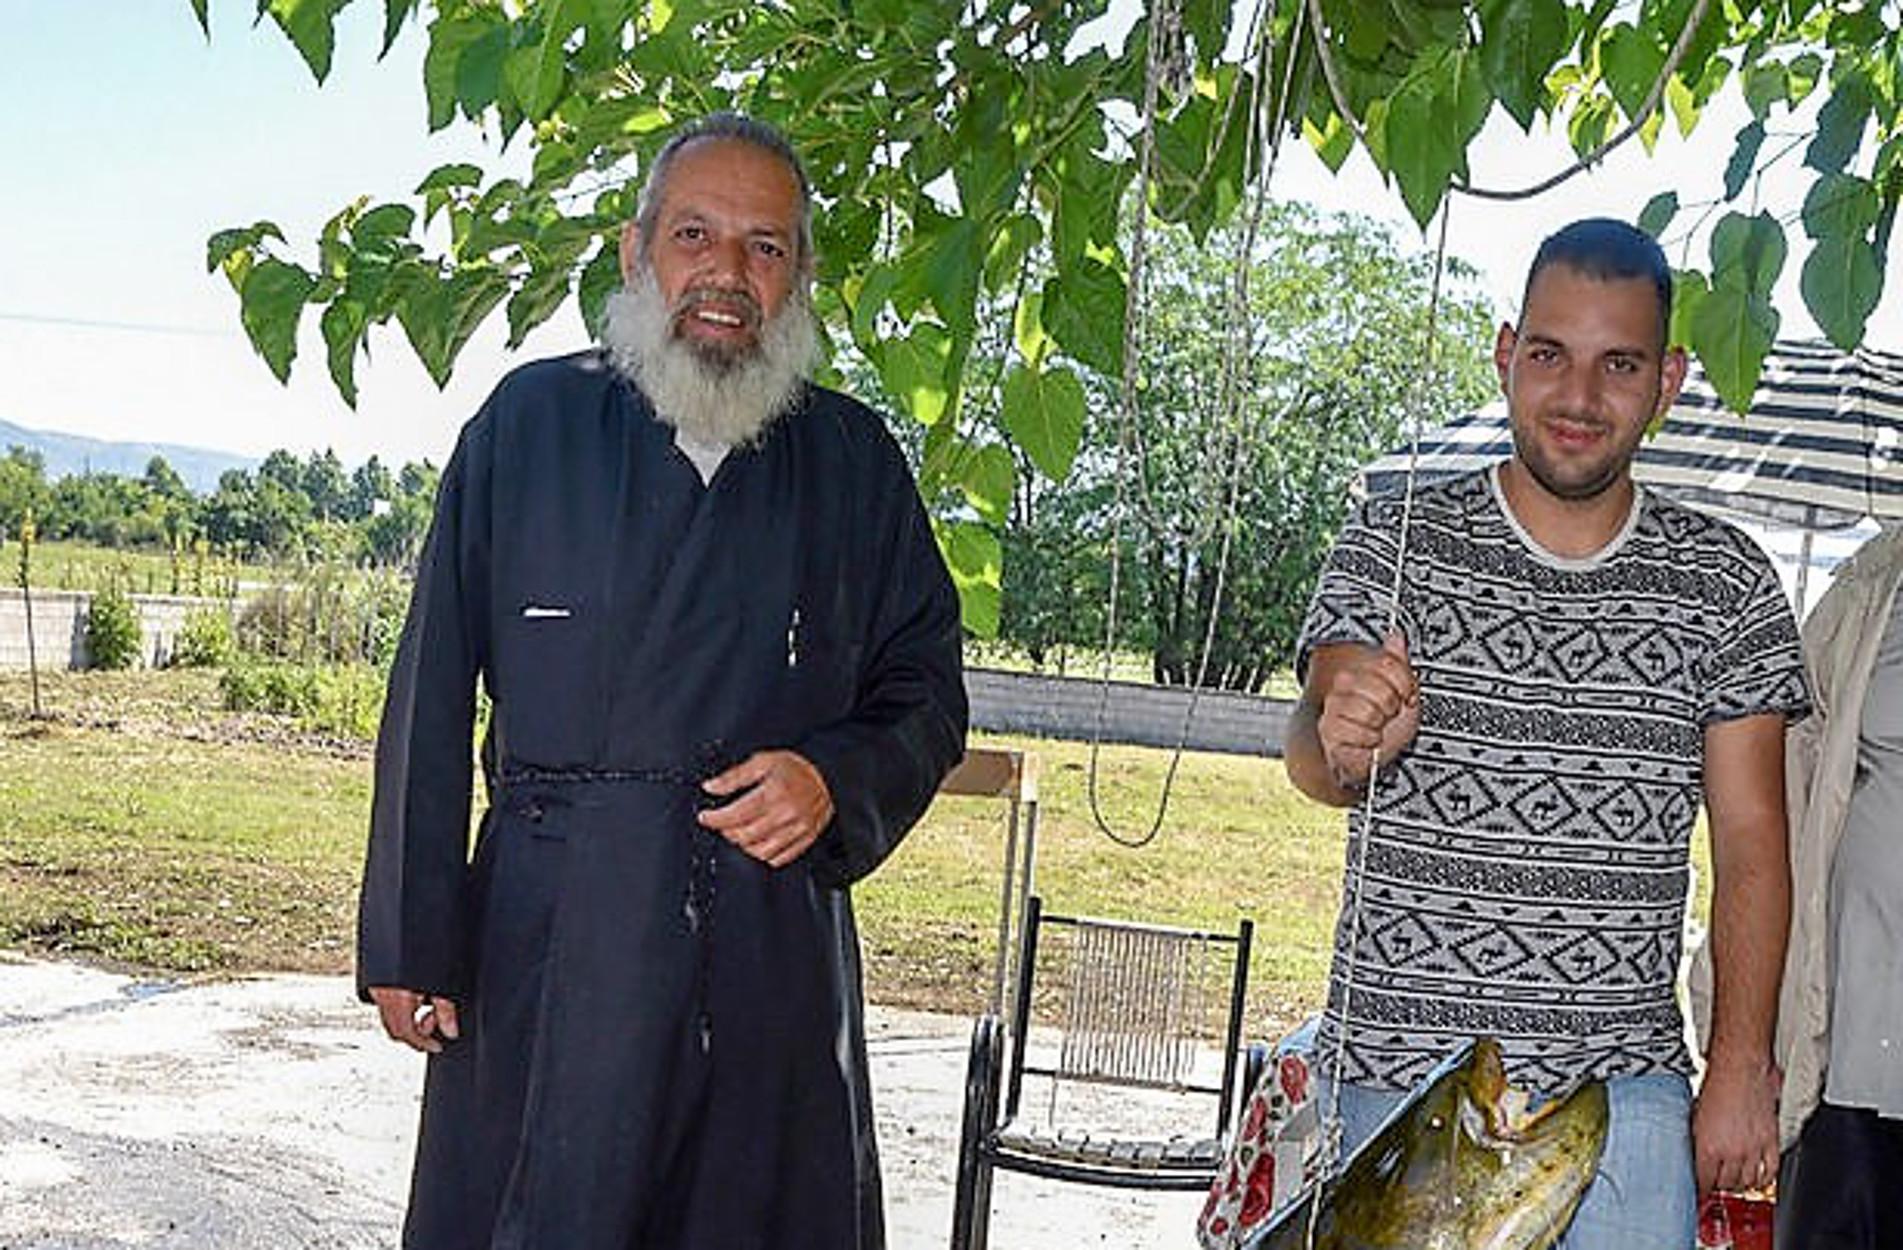 Λάρισα: Ιερέας έβγαλε ΑΔΙΑΝΟΗΤA μεγάλο ψάρι από τον Πηνειό! Θα μείνετε με το στόμα ανοιχτό (pics)